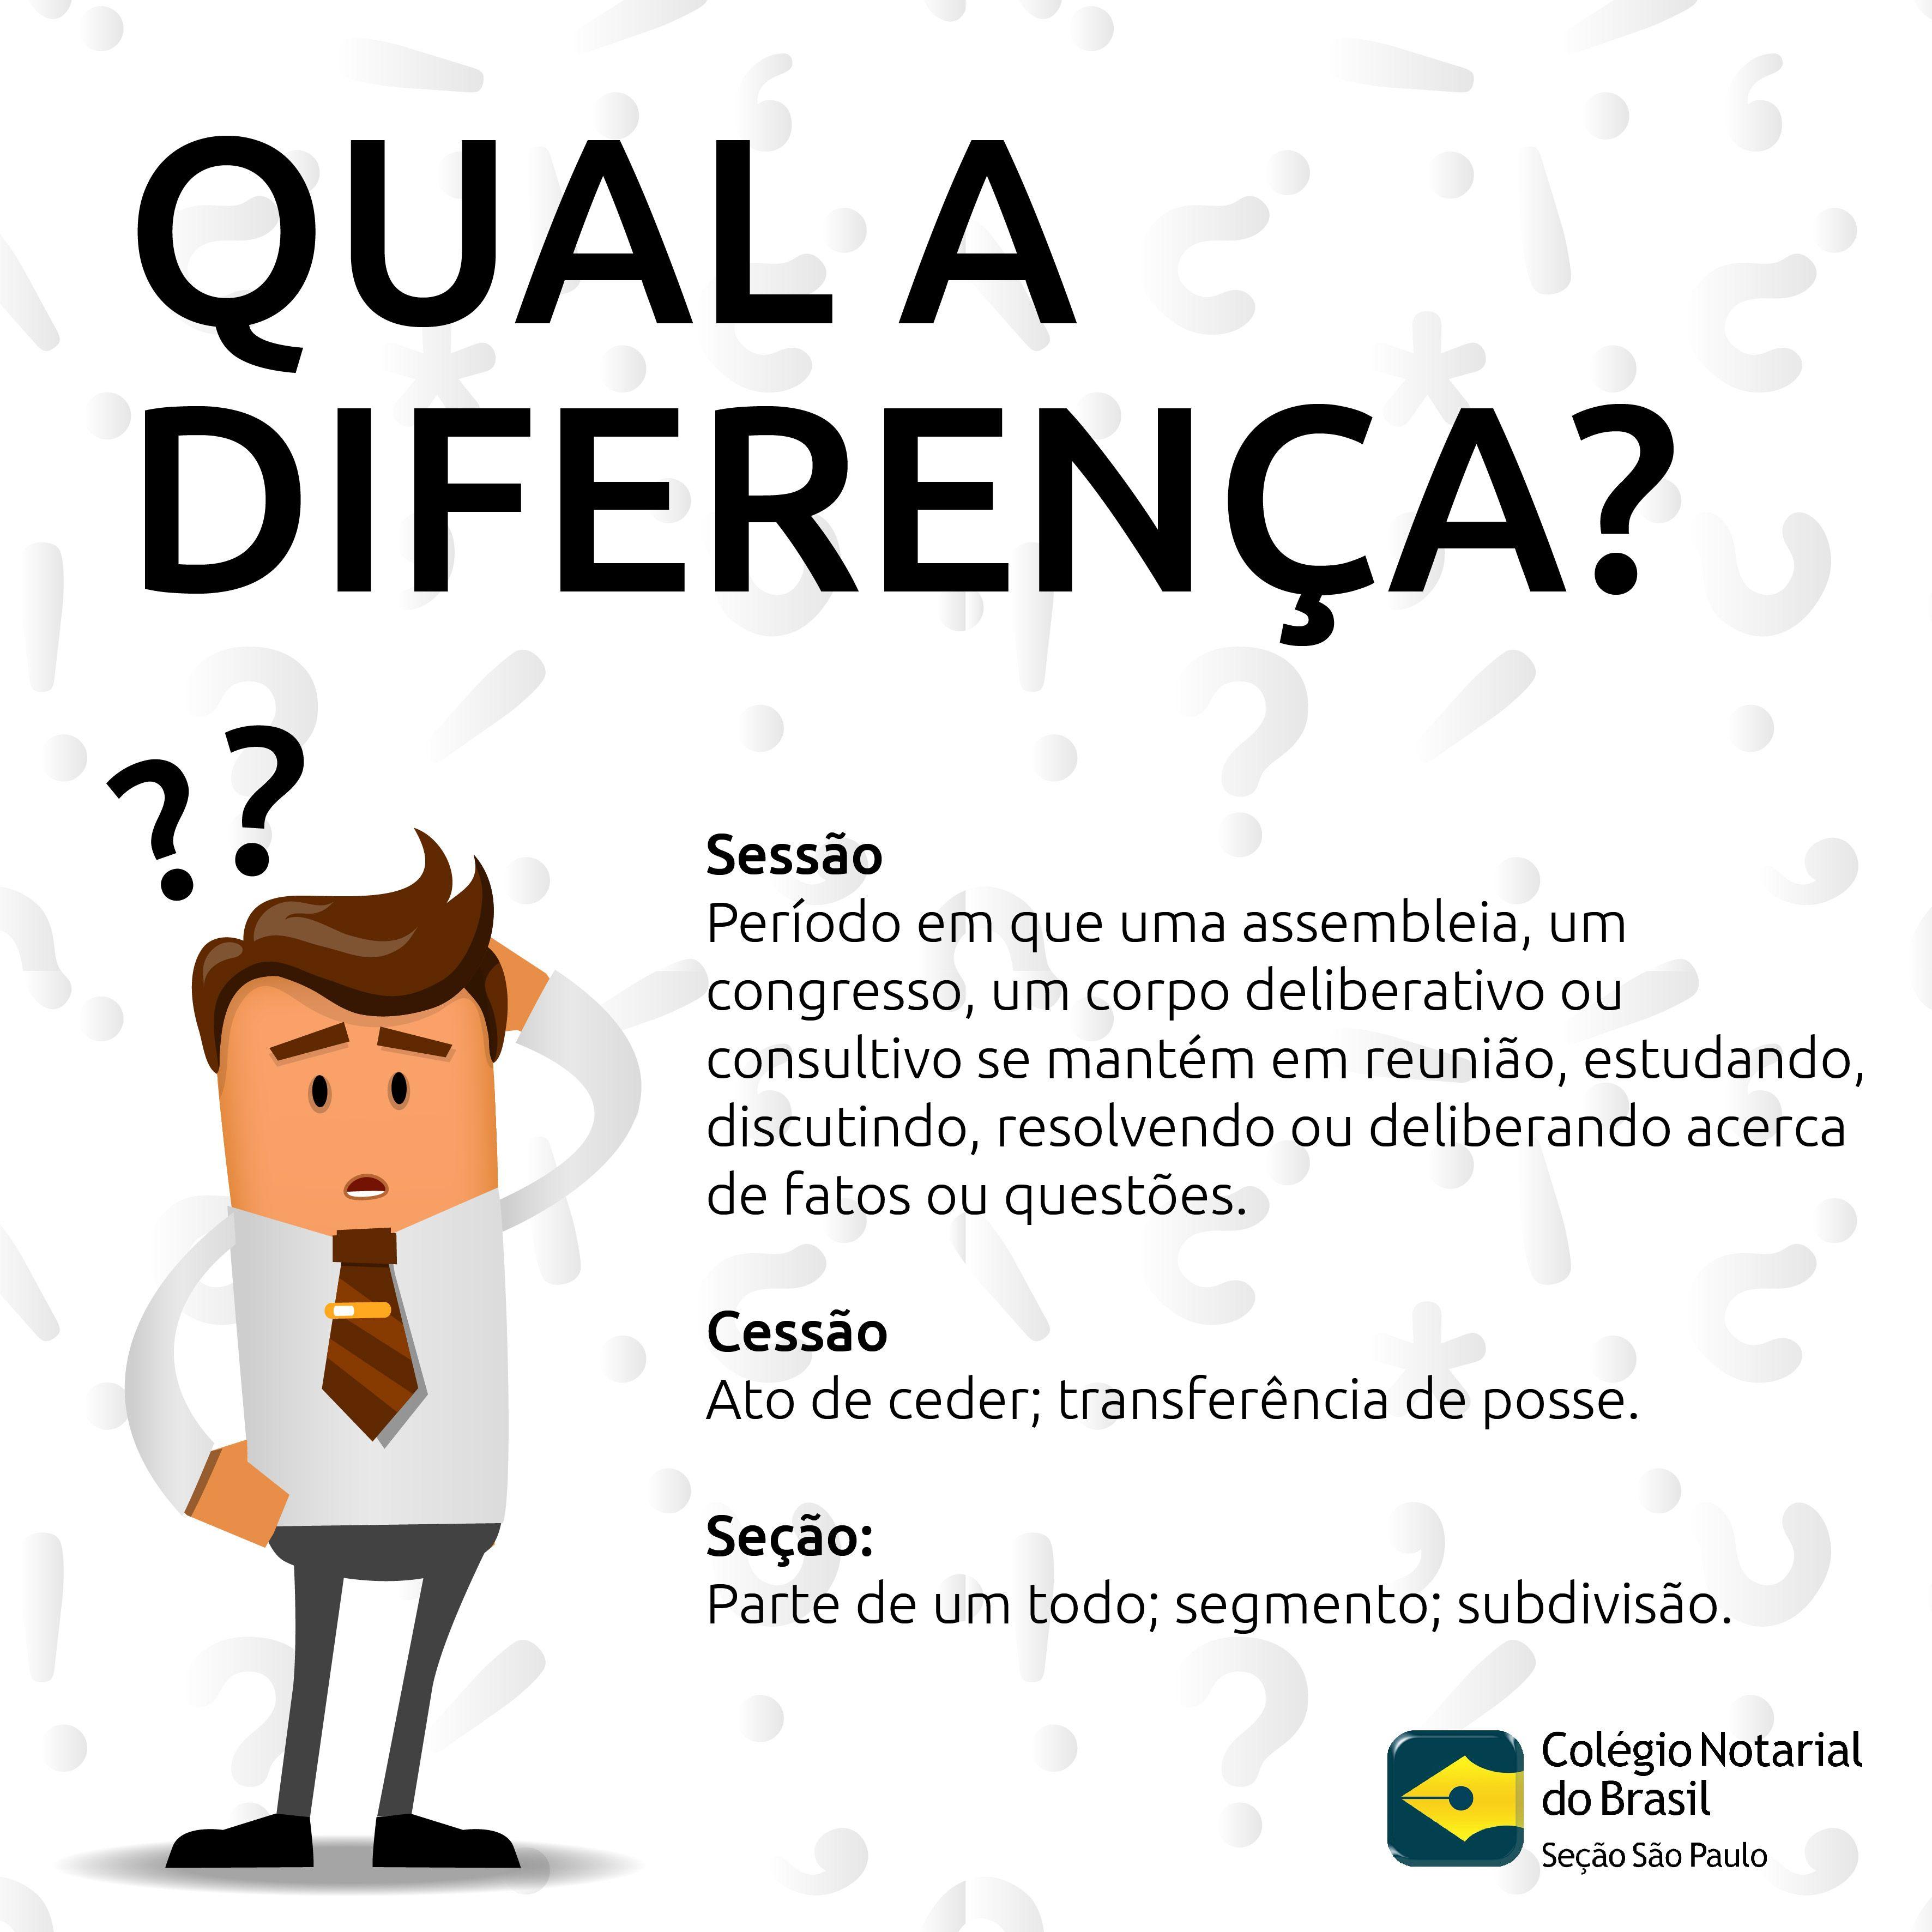 Confira A Diferenca Entre Sessao Cessao E Secao Cnbexplica